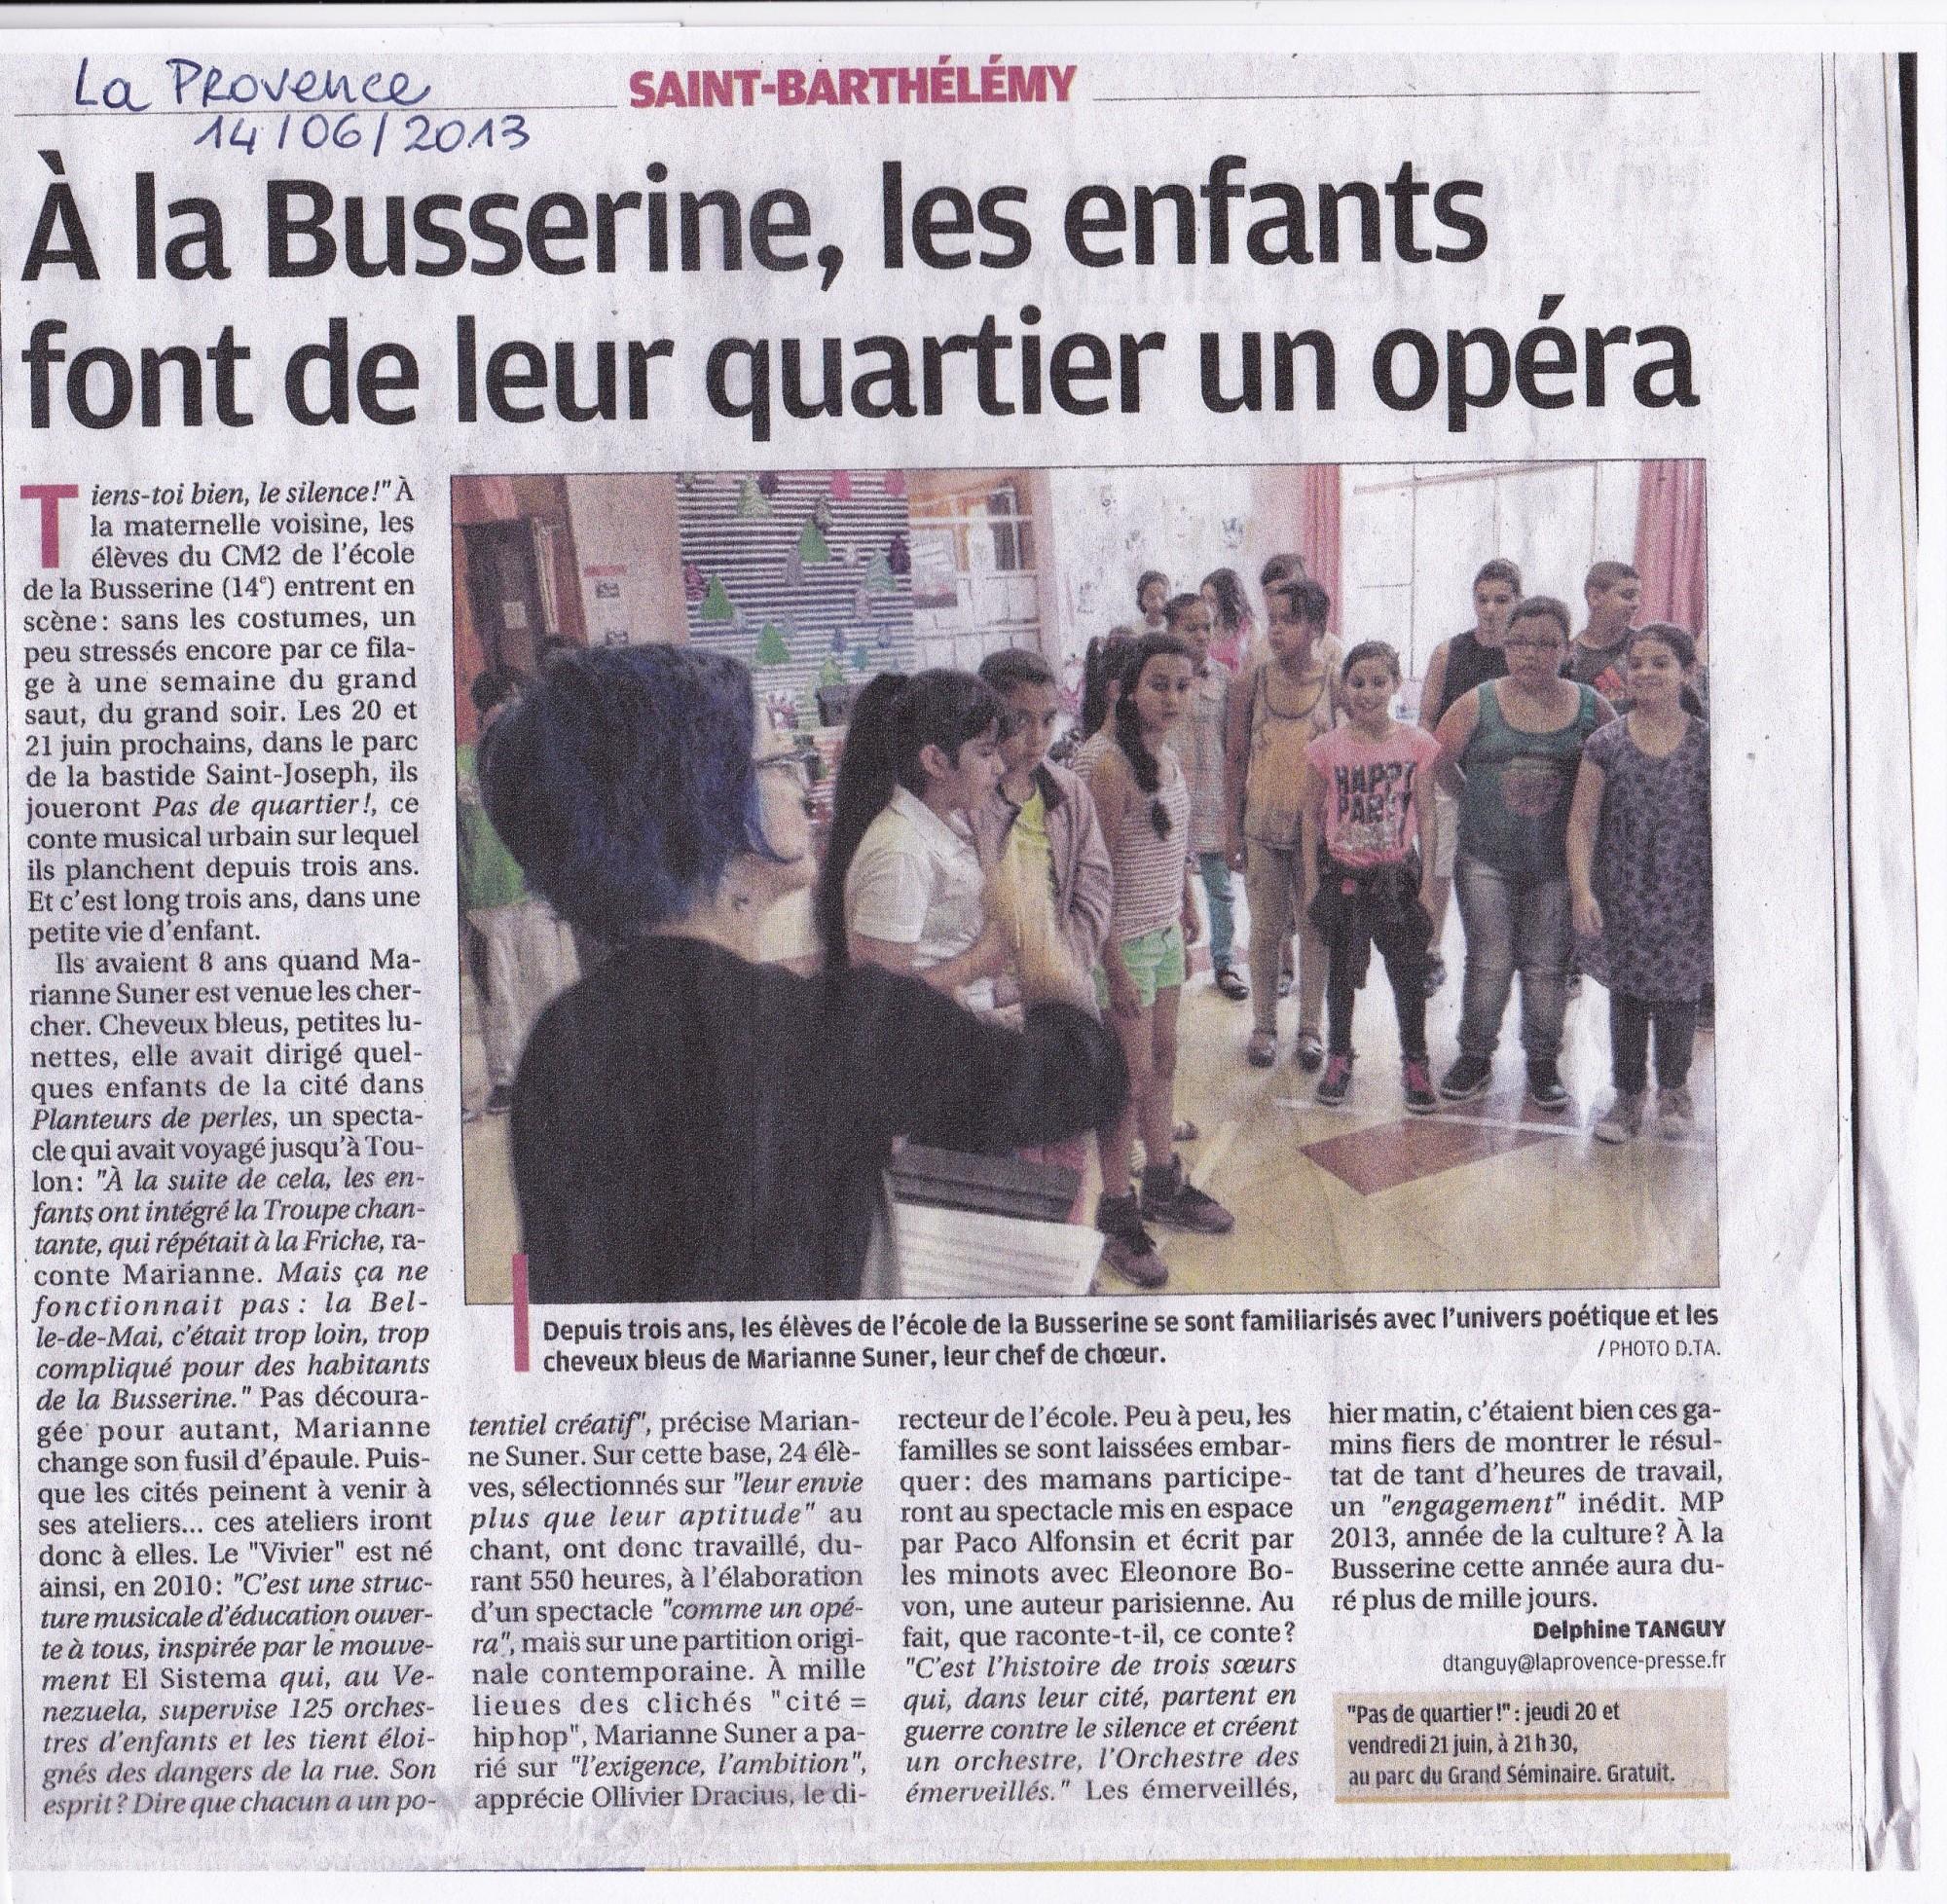 La Provence 14-06-2013